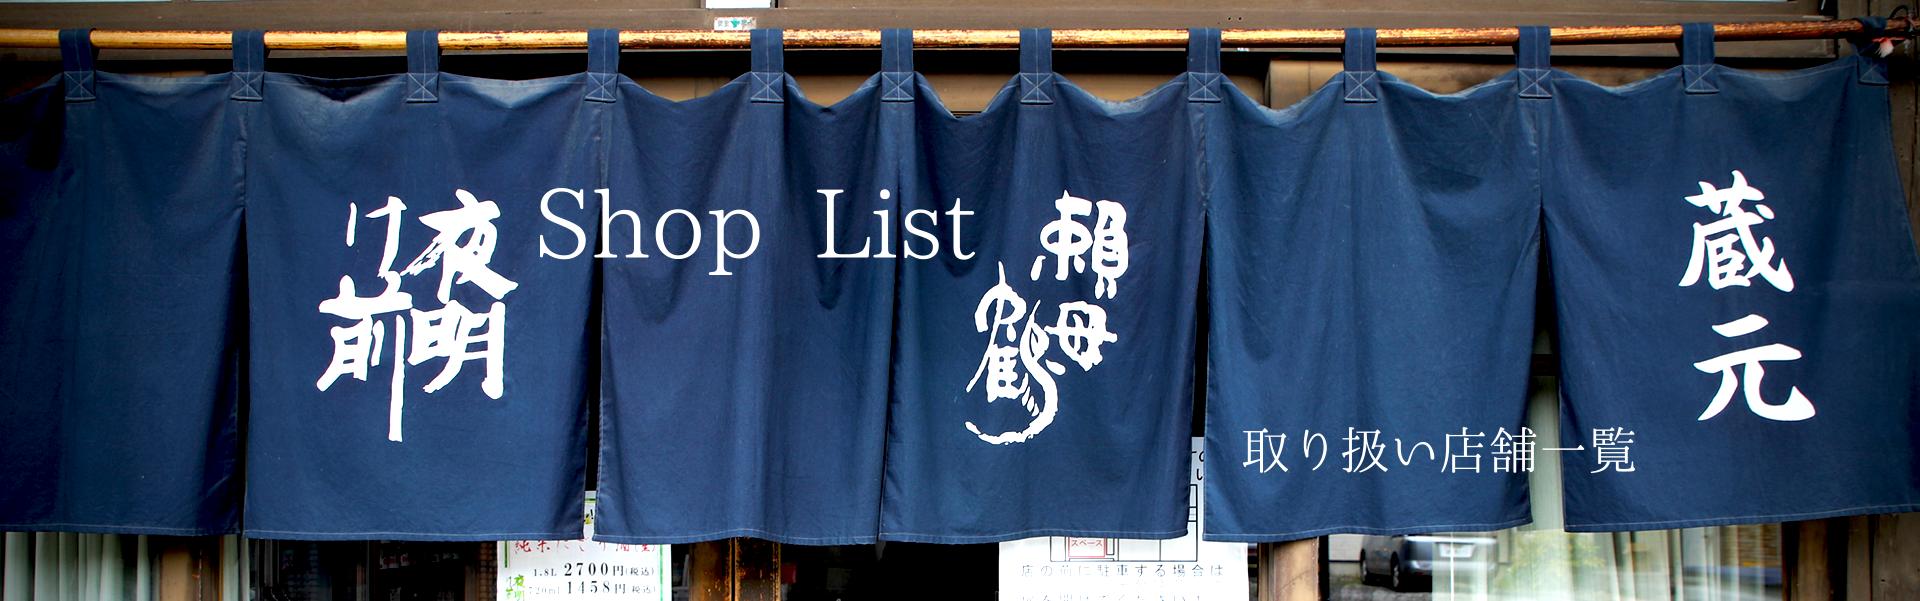 Shop list 取り扱い店舗一覧